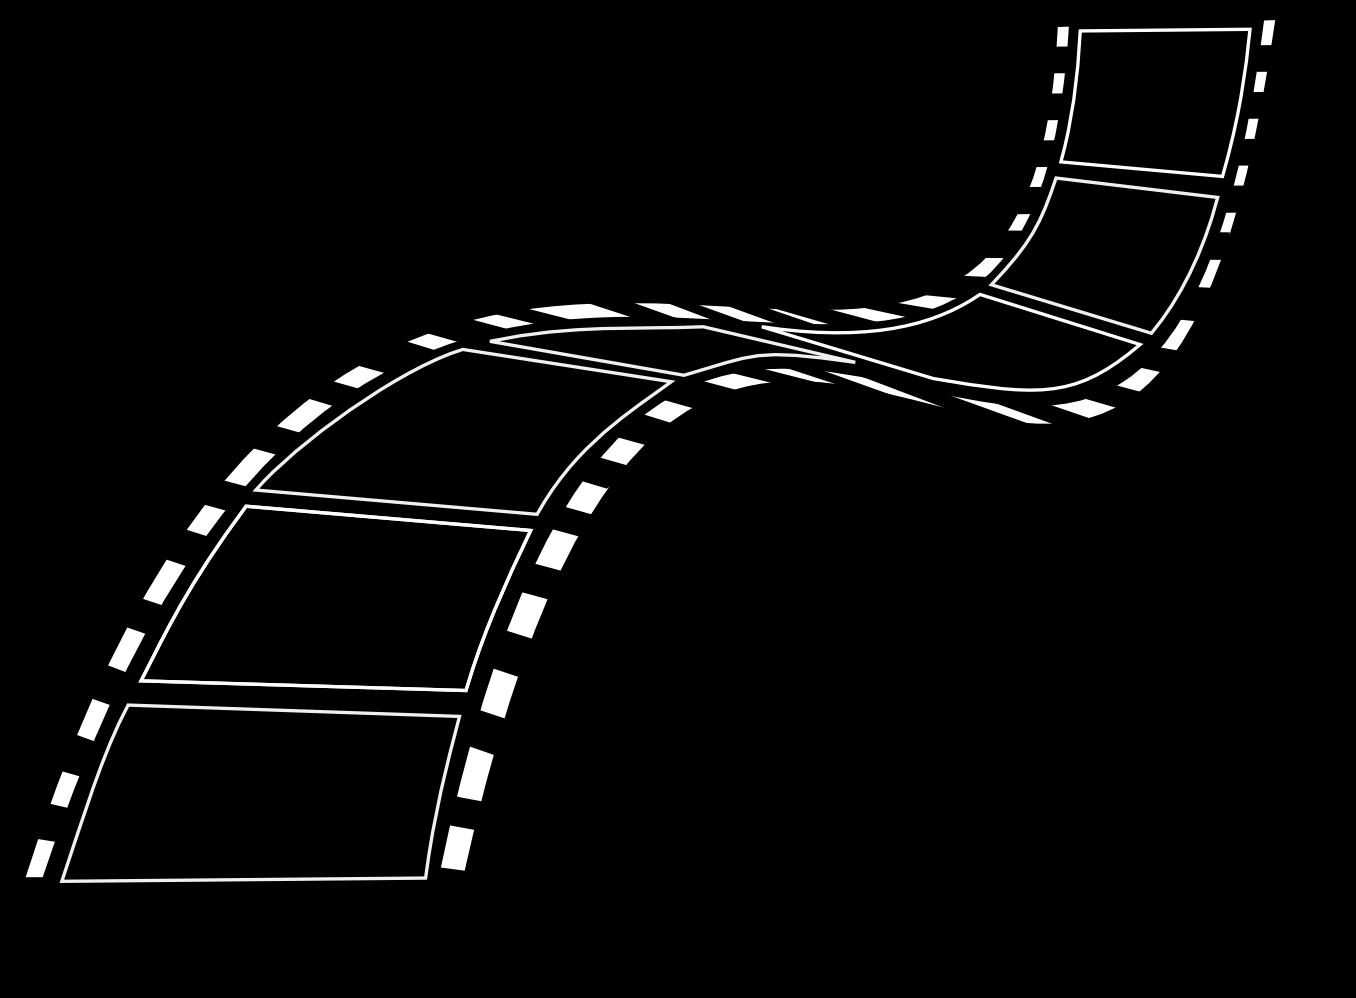 Camera clipartblack com tools. Film clipart camara